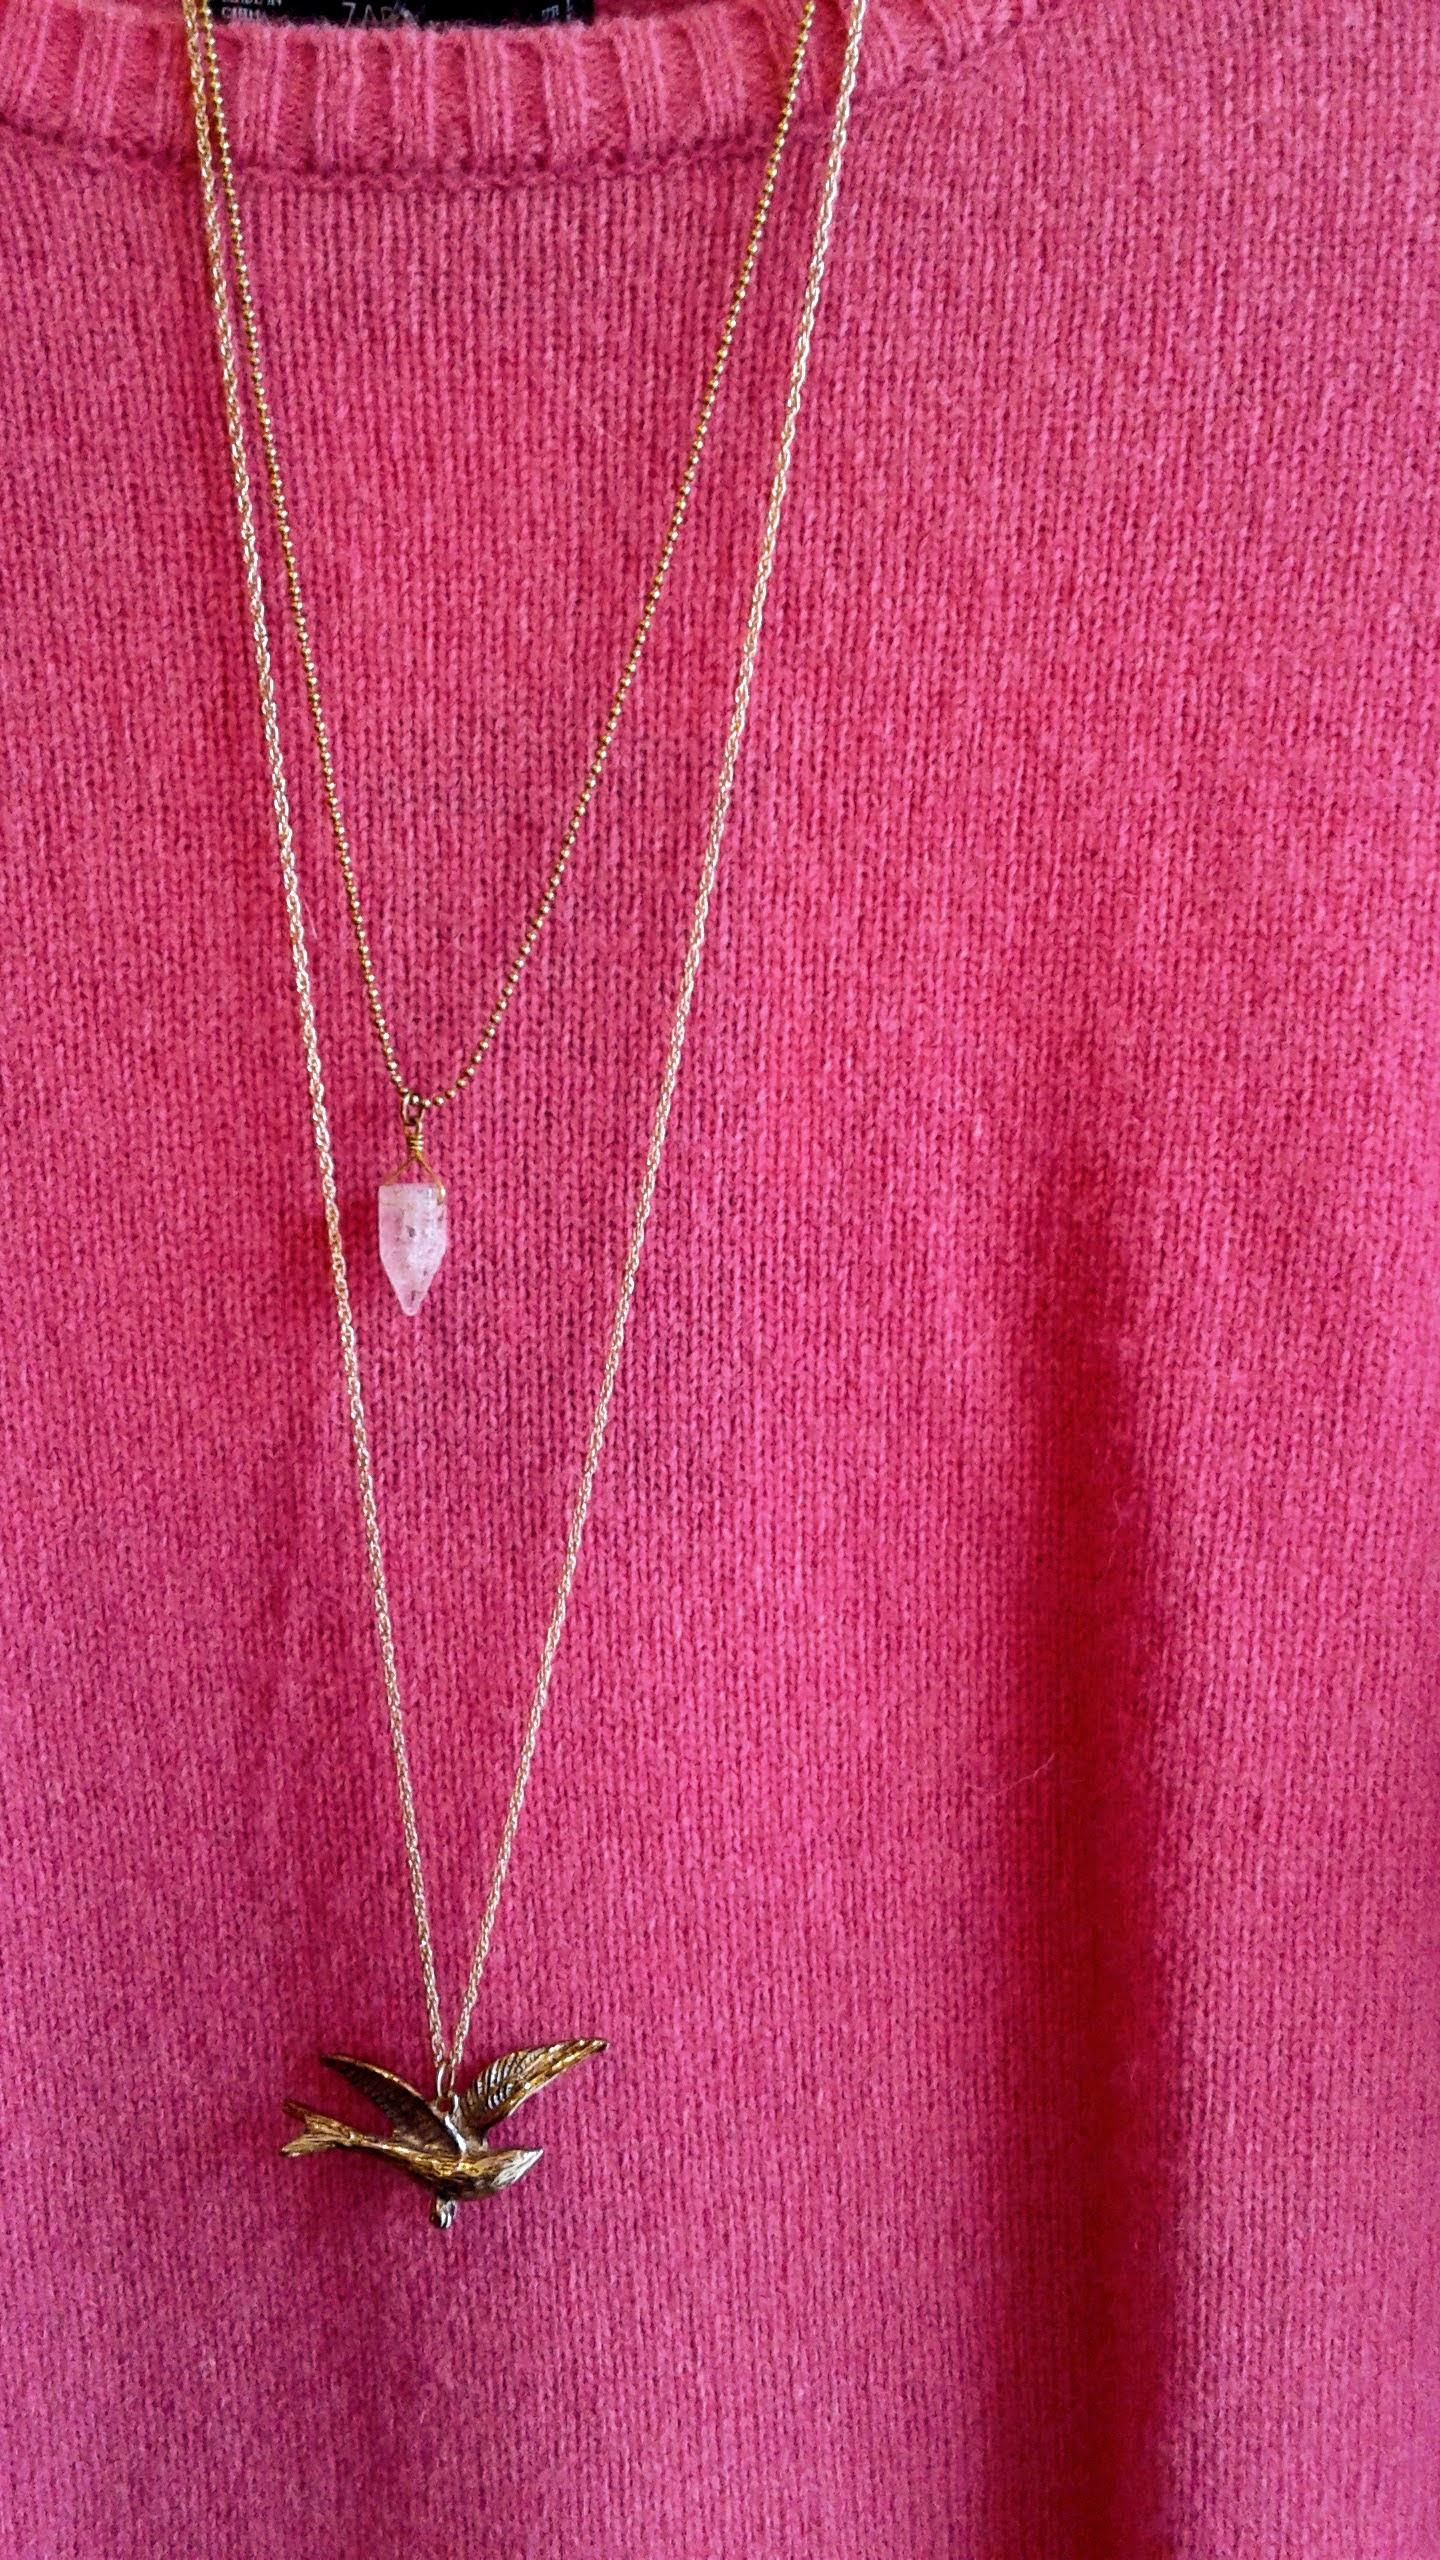 Pink quartz necklace, $24; Sparrow necklace, $18